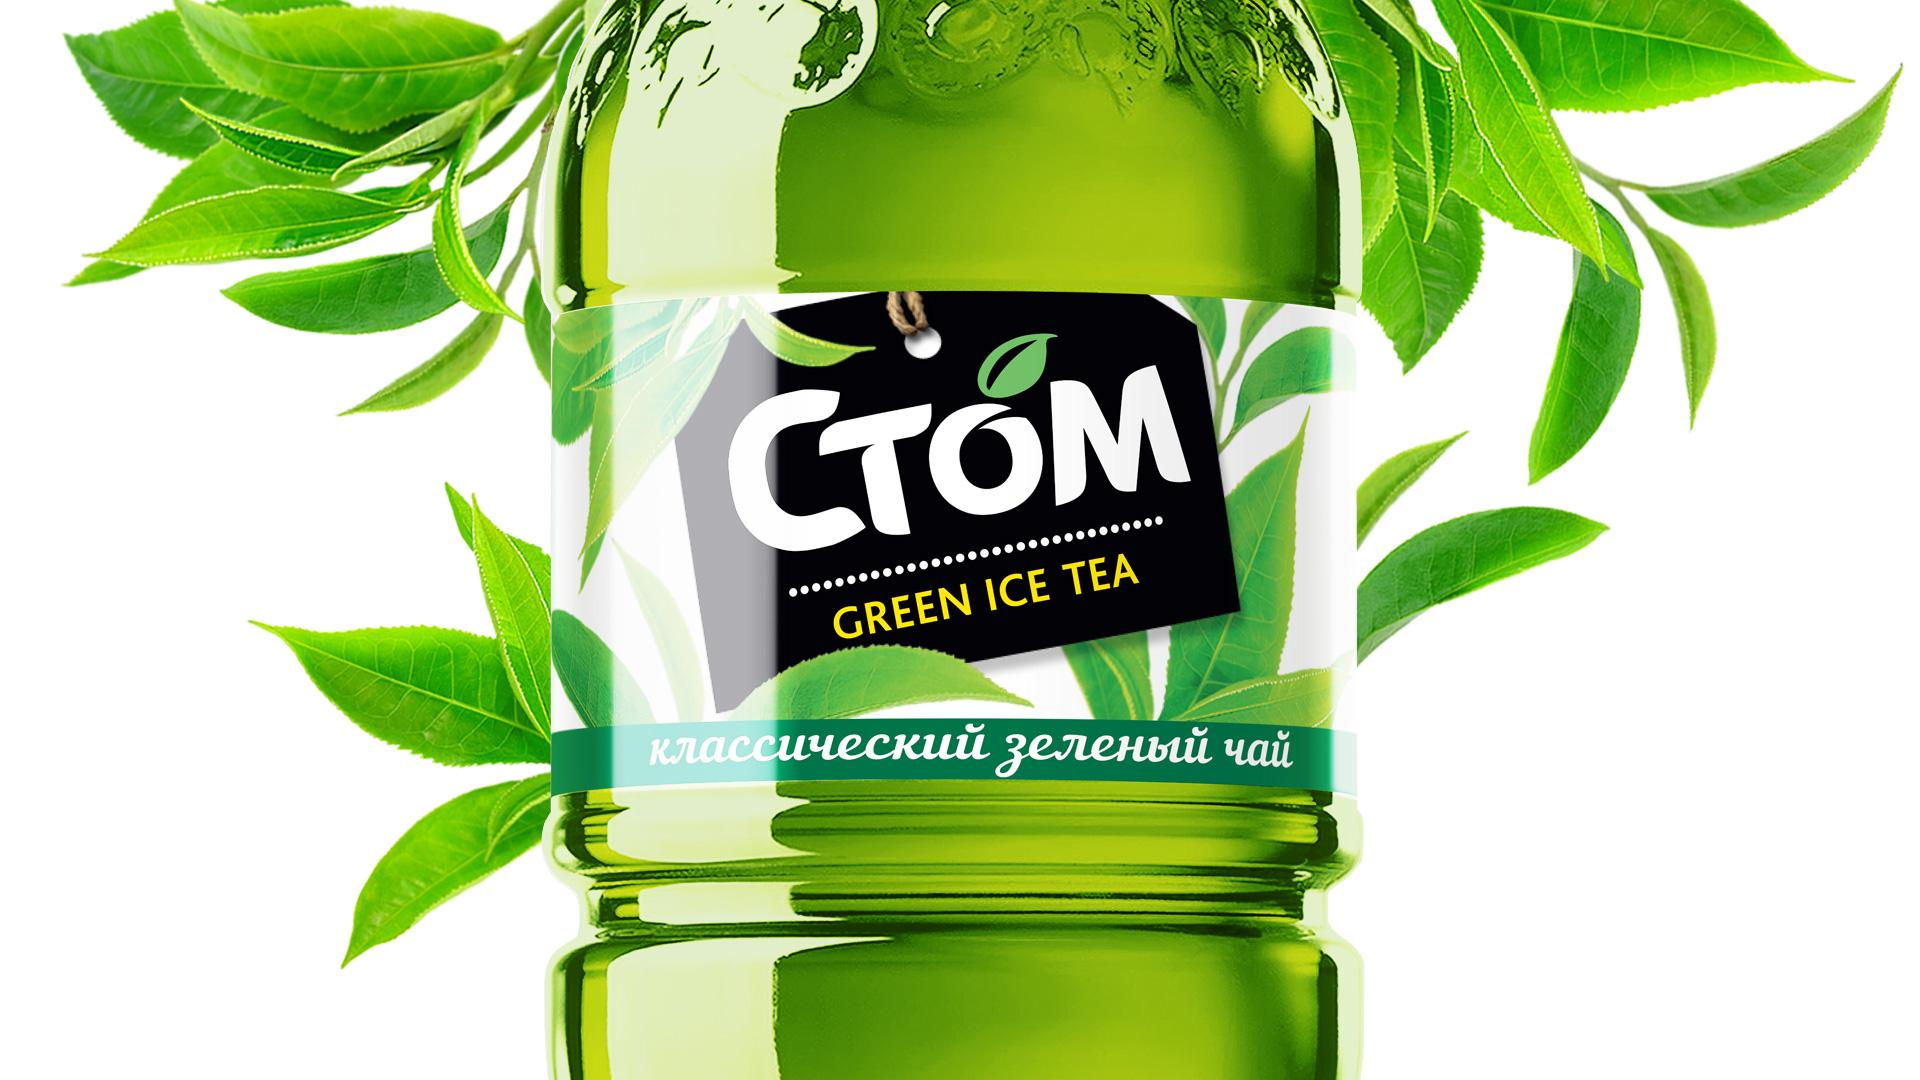 Redesign, rebranding, ice tea, stom, дизайн товарной марки, дизайн этикетки, asgard, tropic, green, зеленый чай